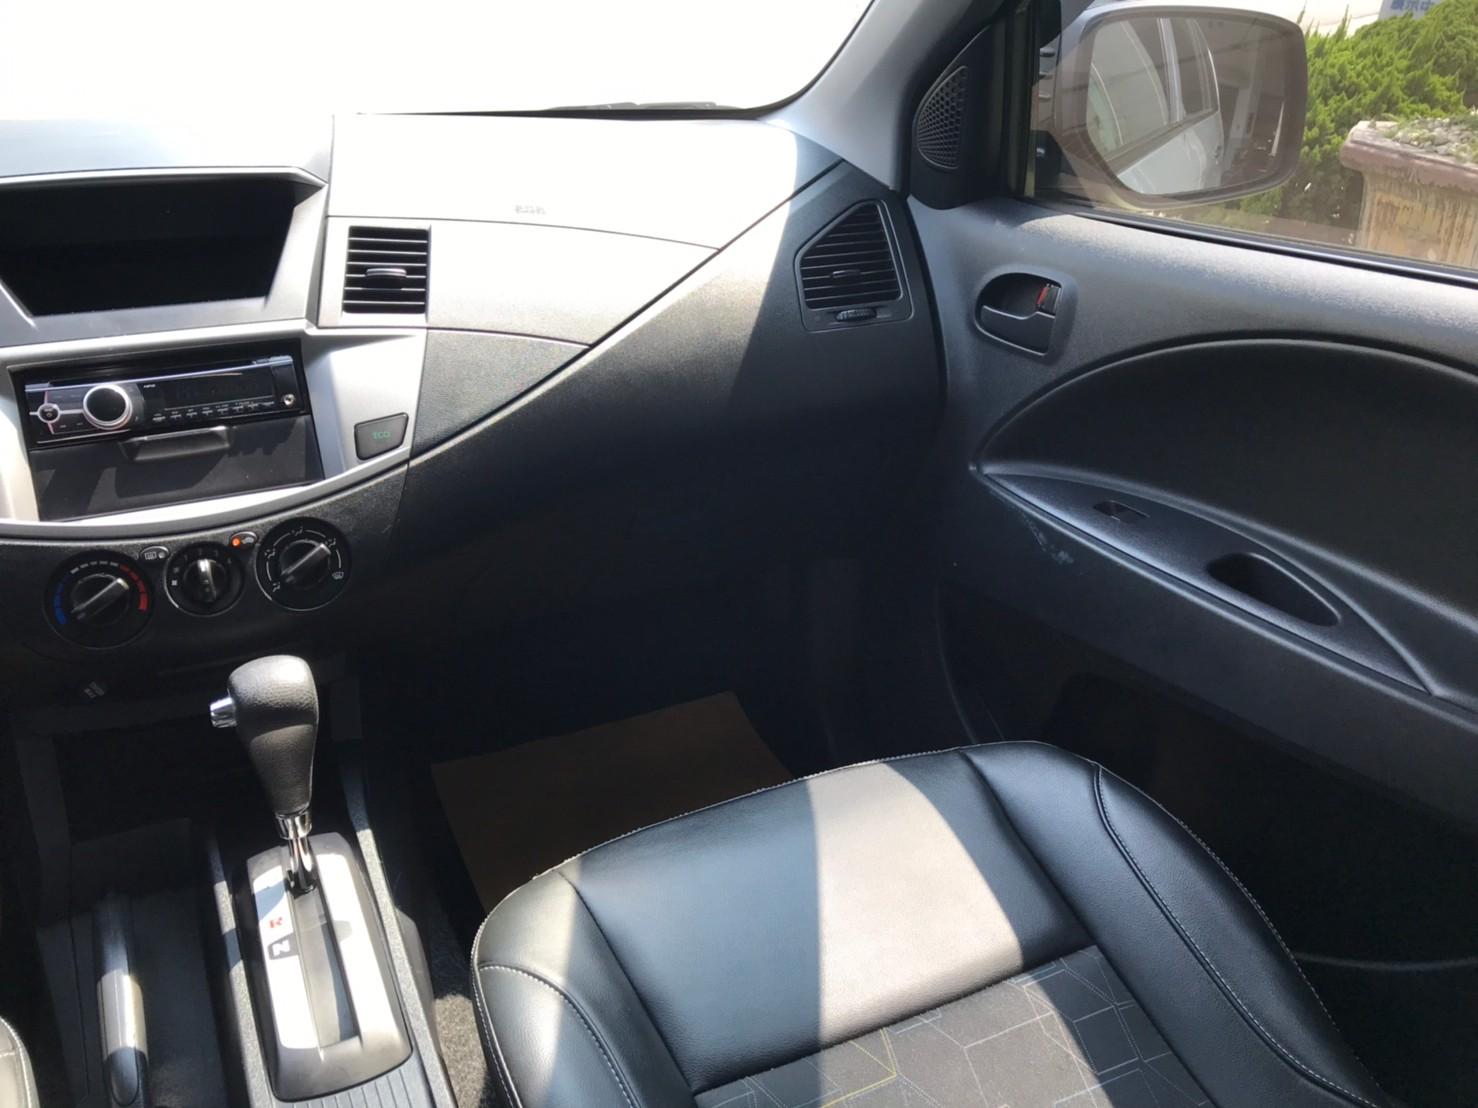 2018勁歌 銀 里程保證4萬多 優質商用車 39.8萬  可認證_210828_5